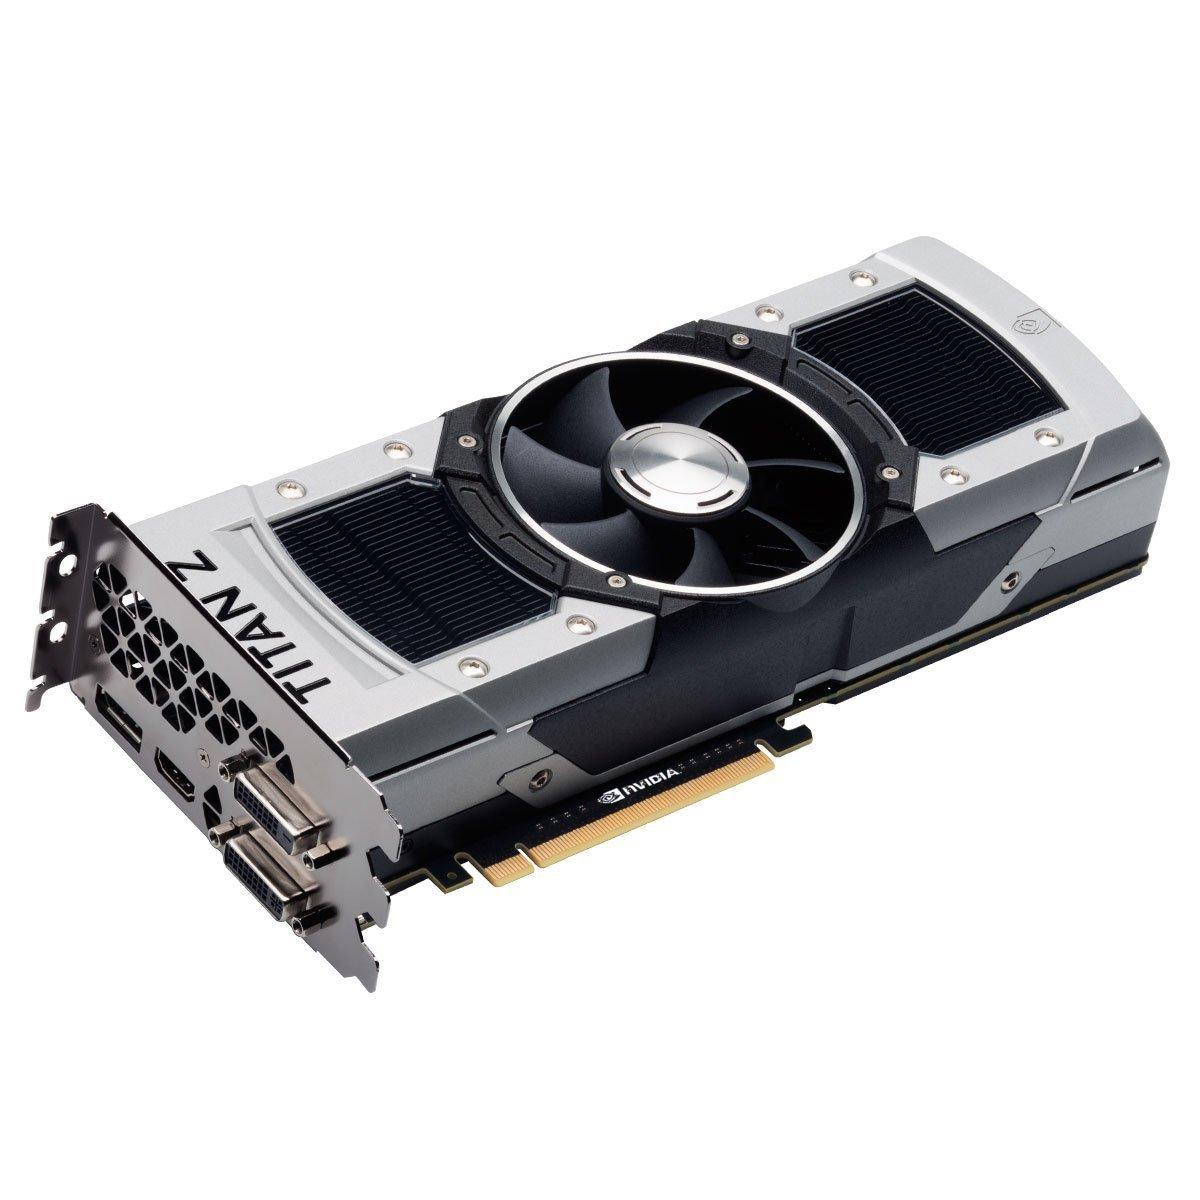 Nvidia Geforce GTX Titan Z 12 GB GDDR5 7.0 Gbps PCIe 3.0 x16 ...